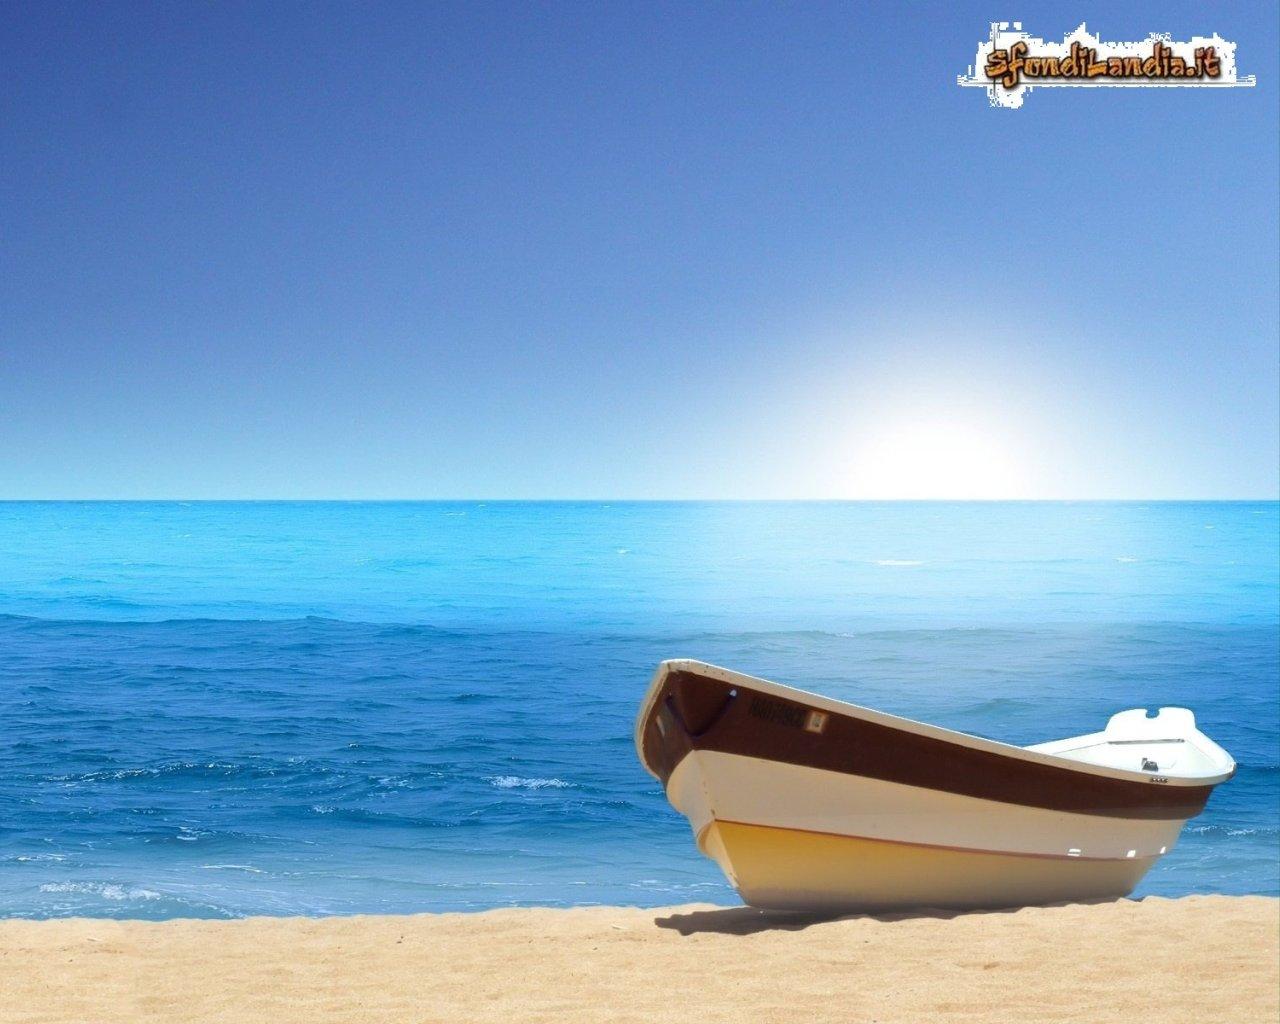 Sfondo gratis di barca sulla riva per for Sfondilandia mare